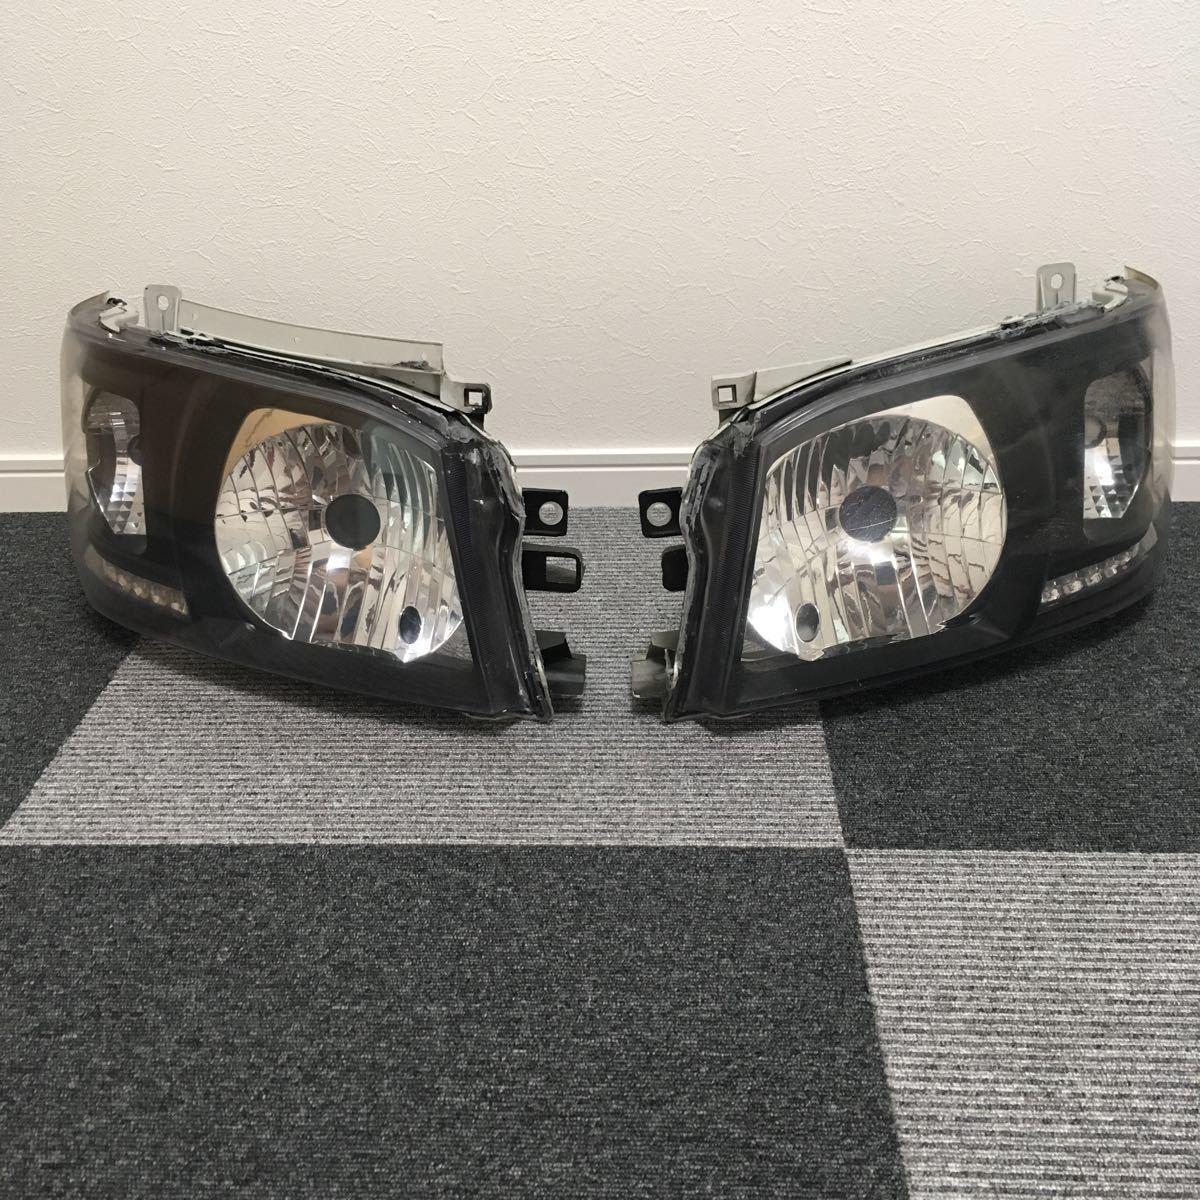 中古 200系 2型 ハイエース カスタムヘッドライト左右セット LEDウインカー ブラックアウト 加工品